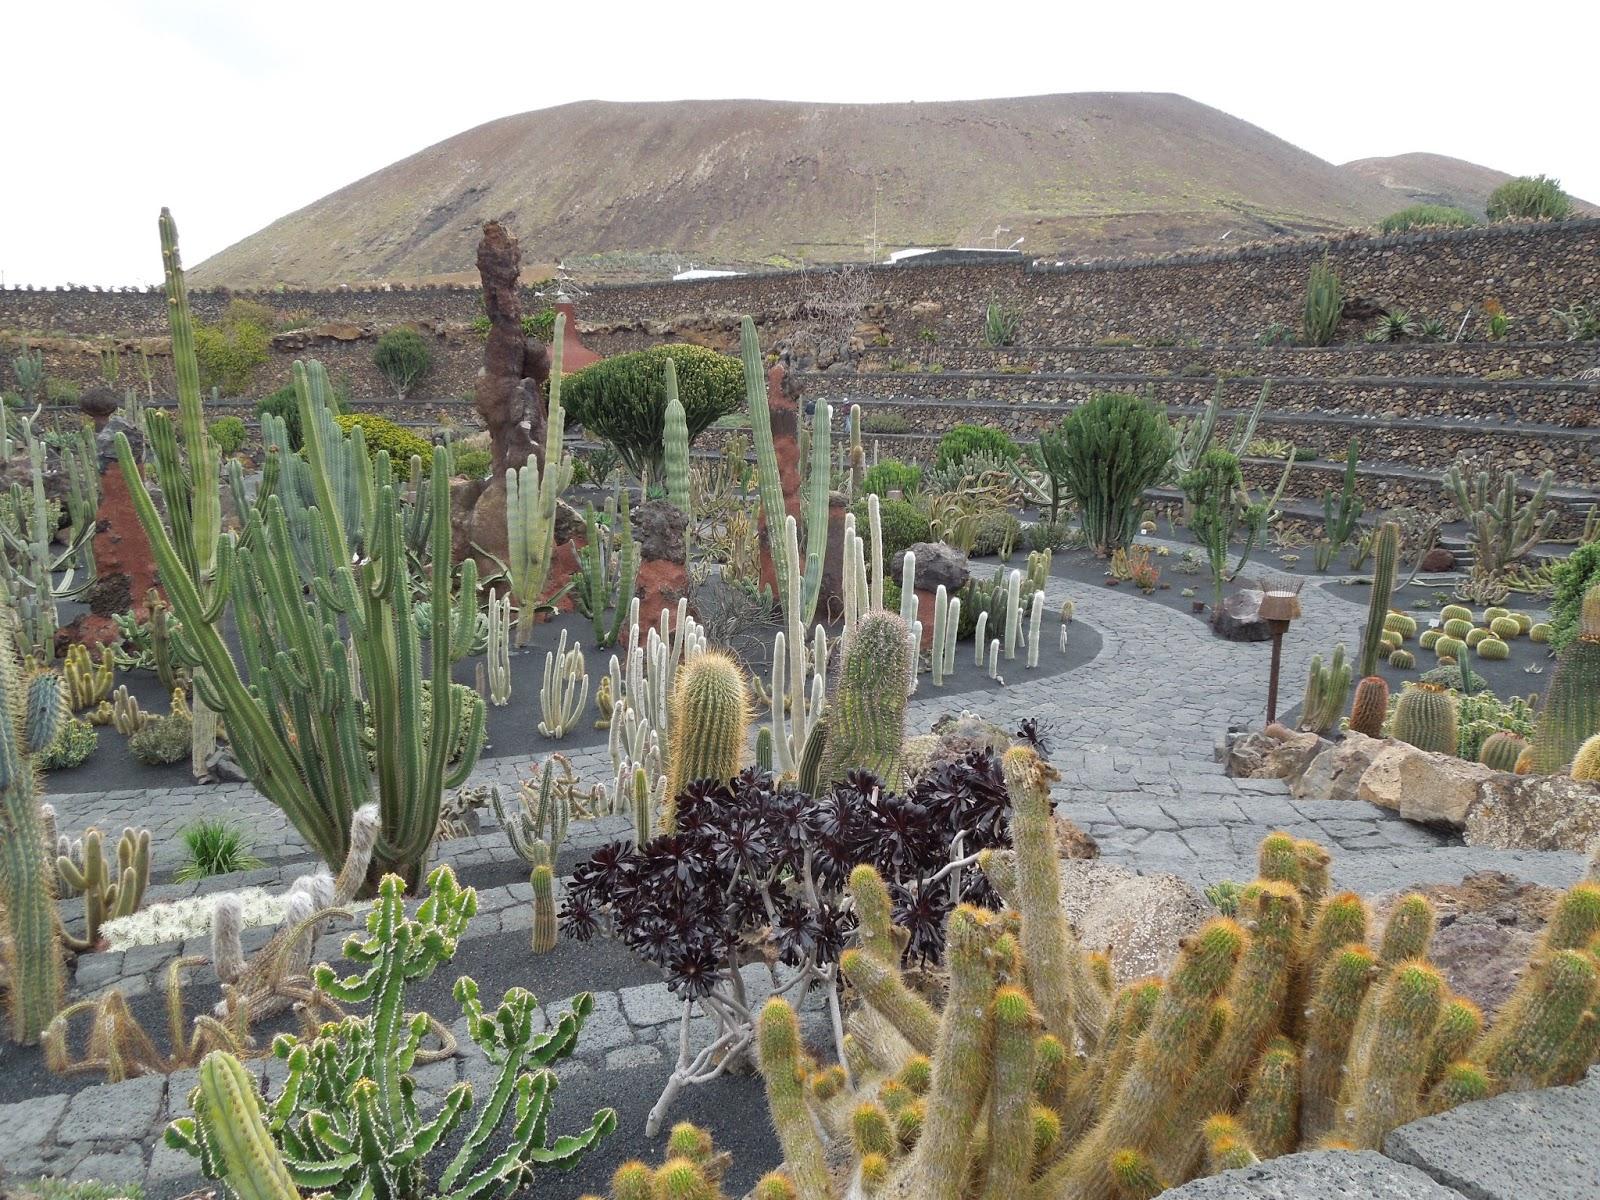 Jard n de cactus de lanzarote opuntias bot nic serrat for Jardin de cactus lanzarote